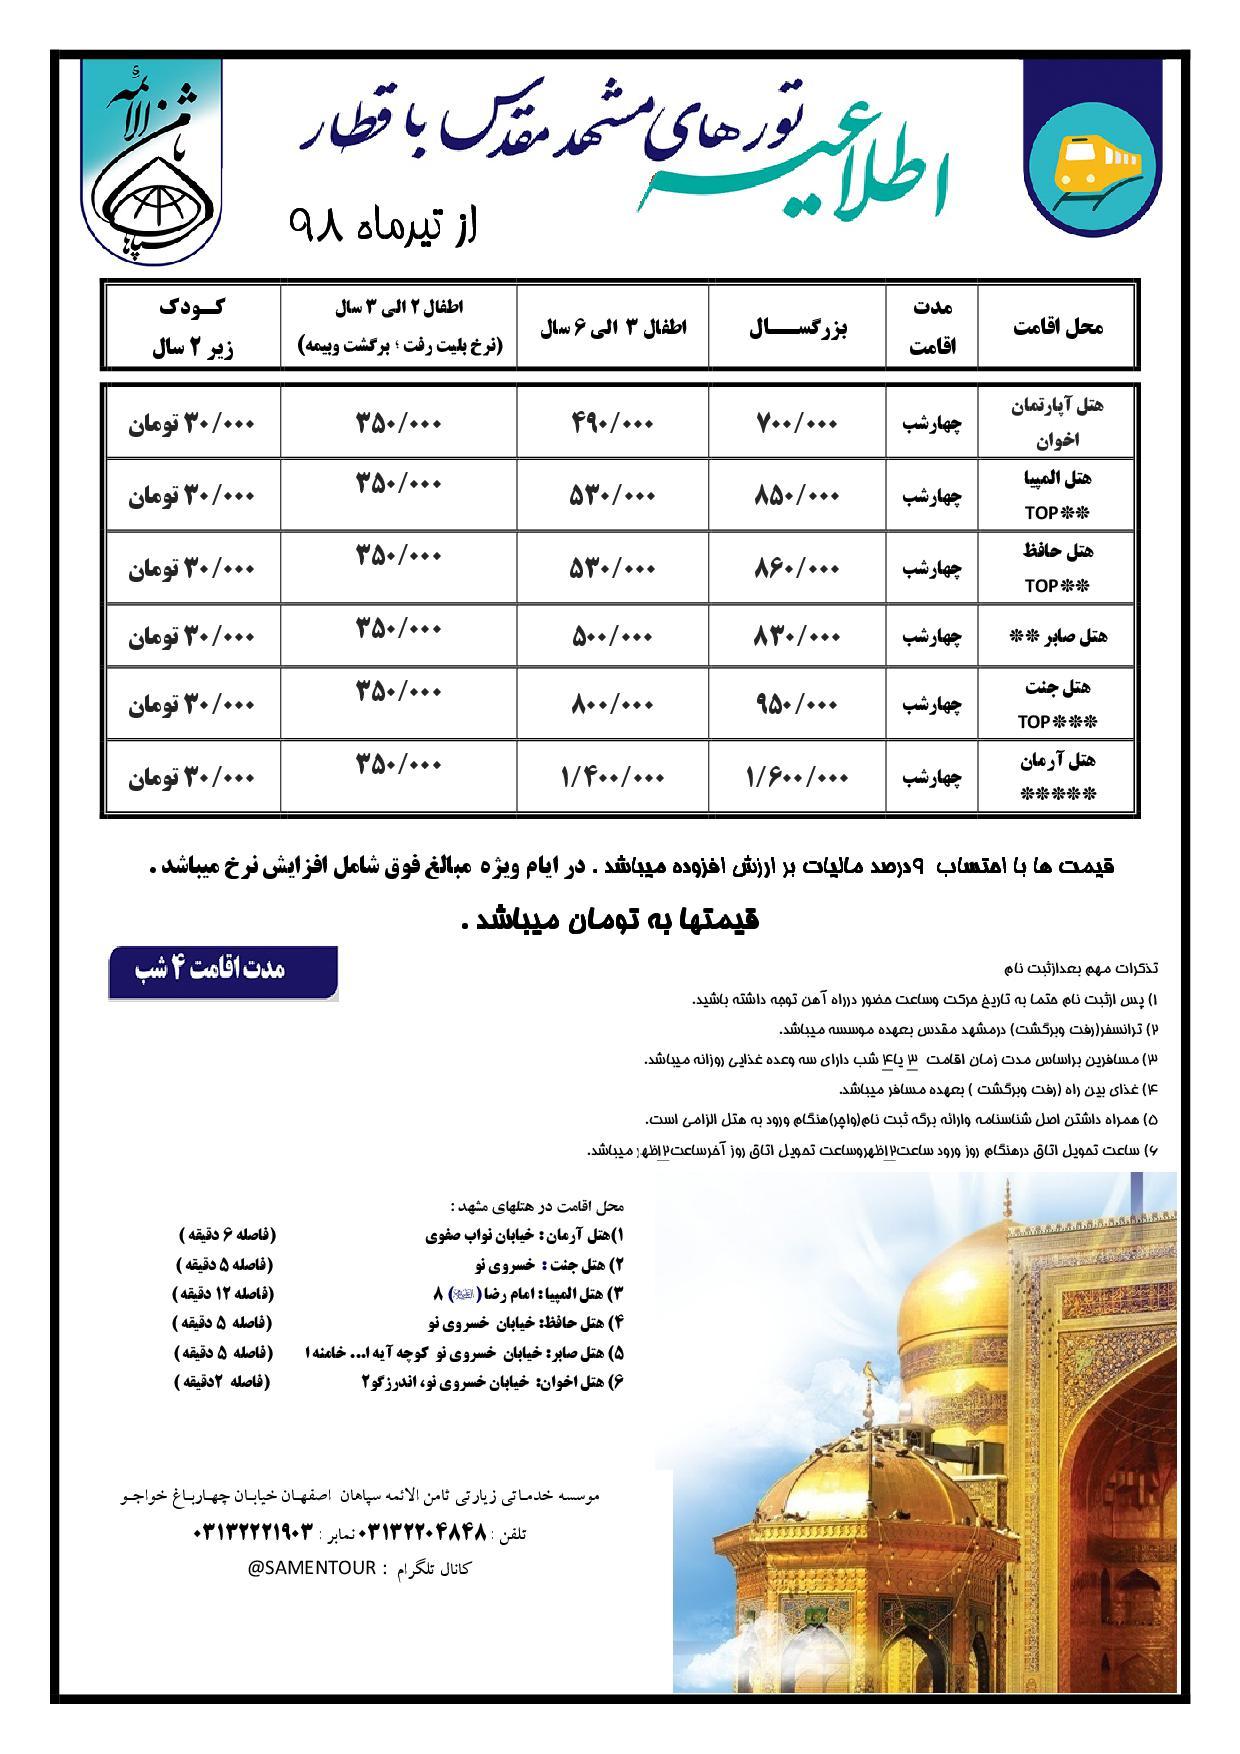 موسسه خدماتی زیارتی ثامن الائمه سپاهان